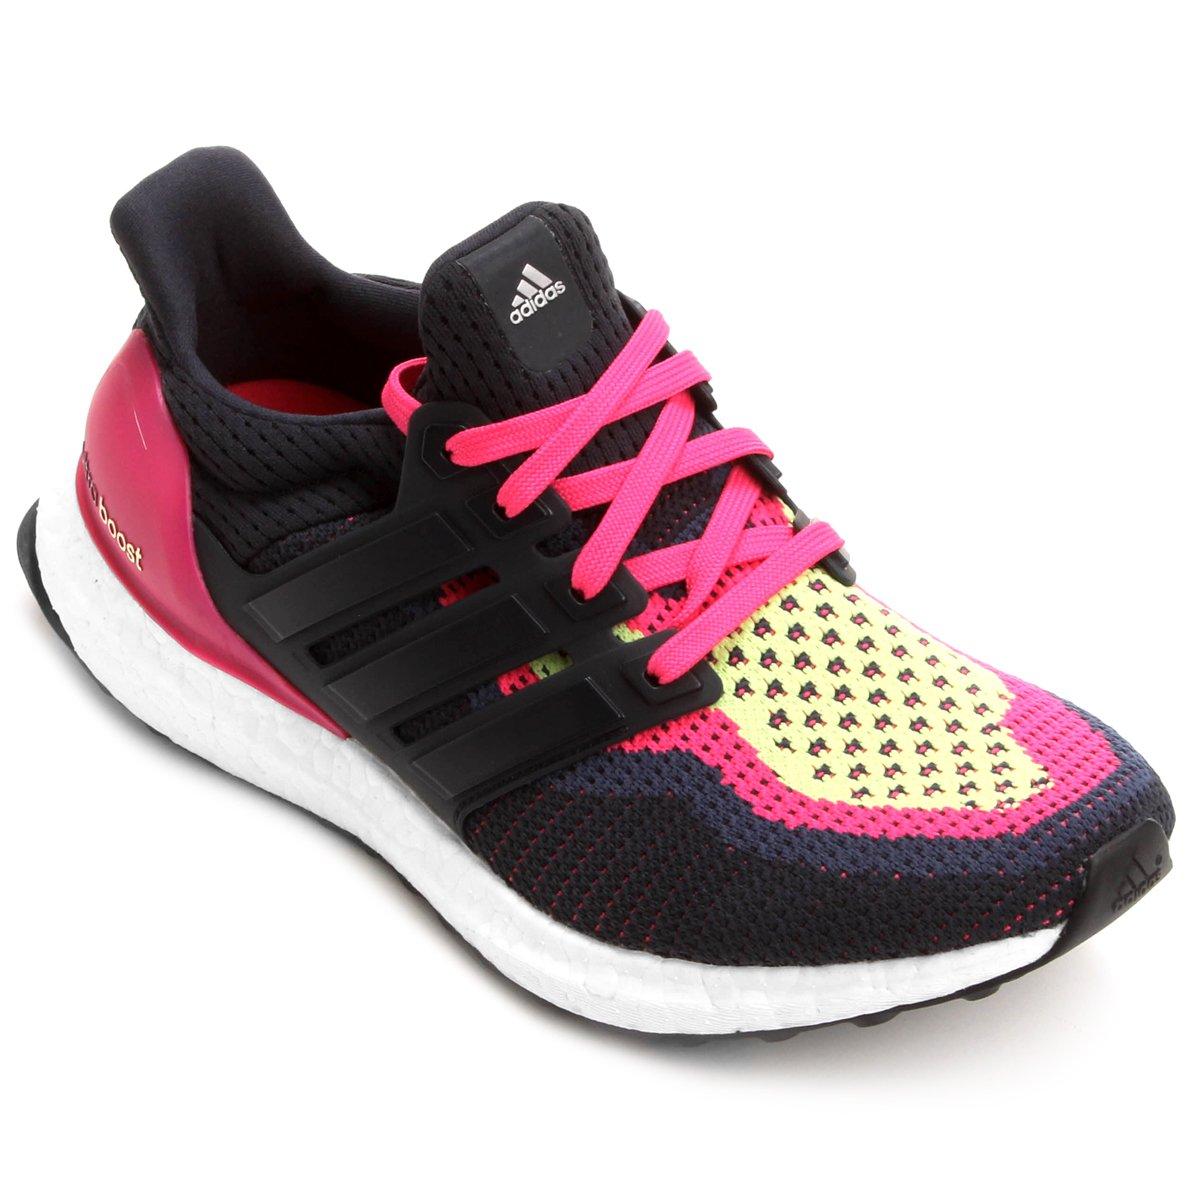 Tênis Adidas Ultra Boost Feminino - Compre Agora  02fc4d0723fb5